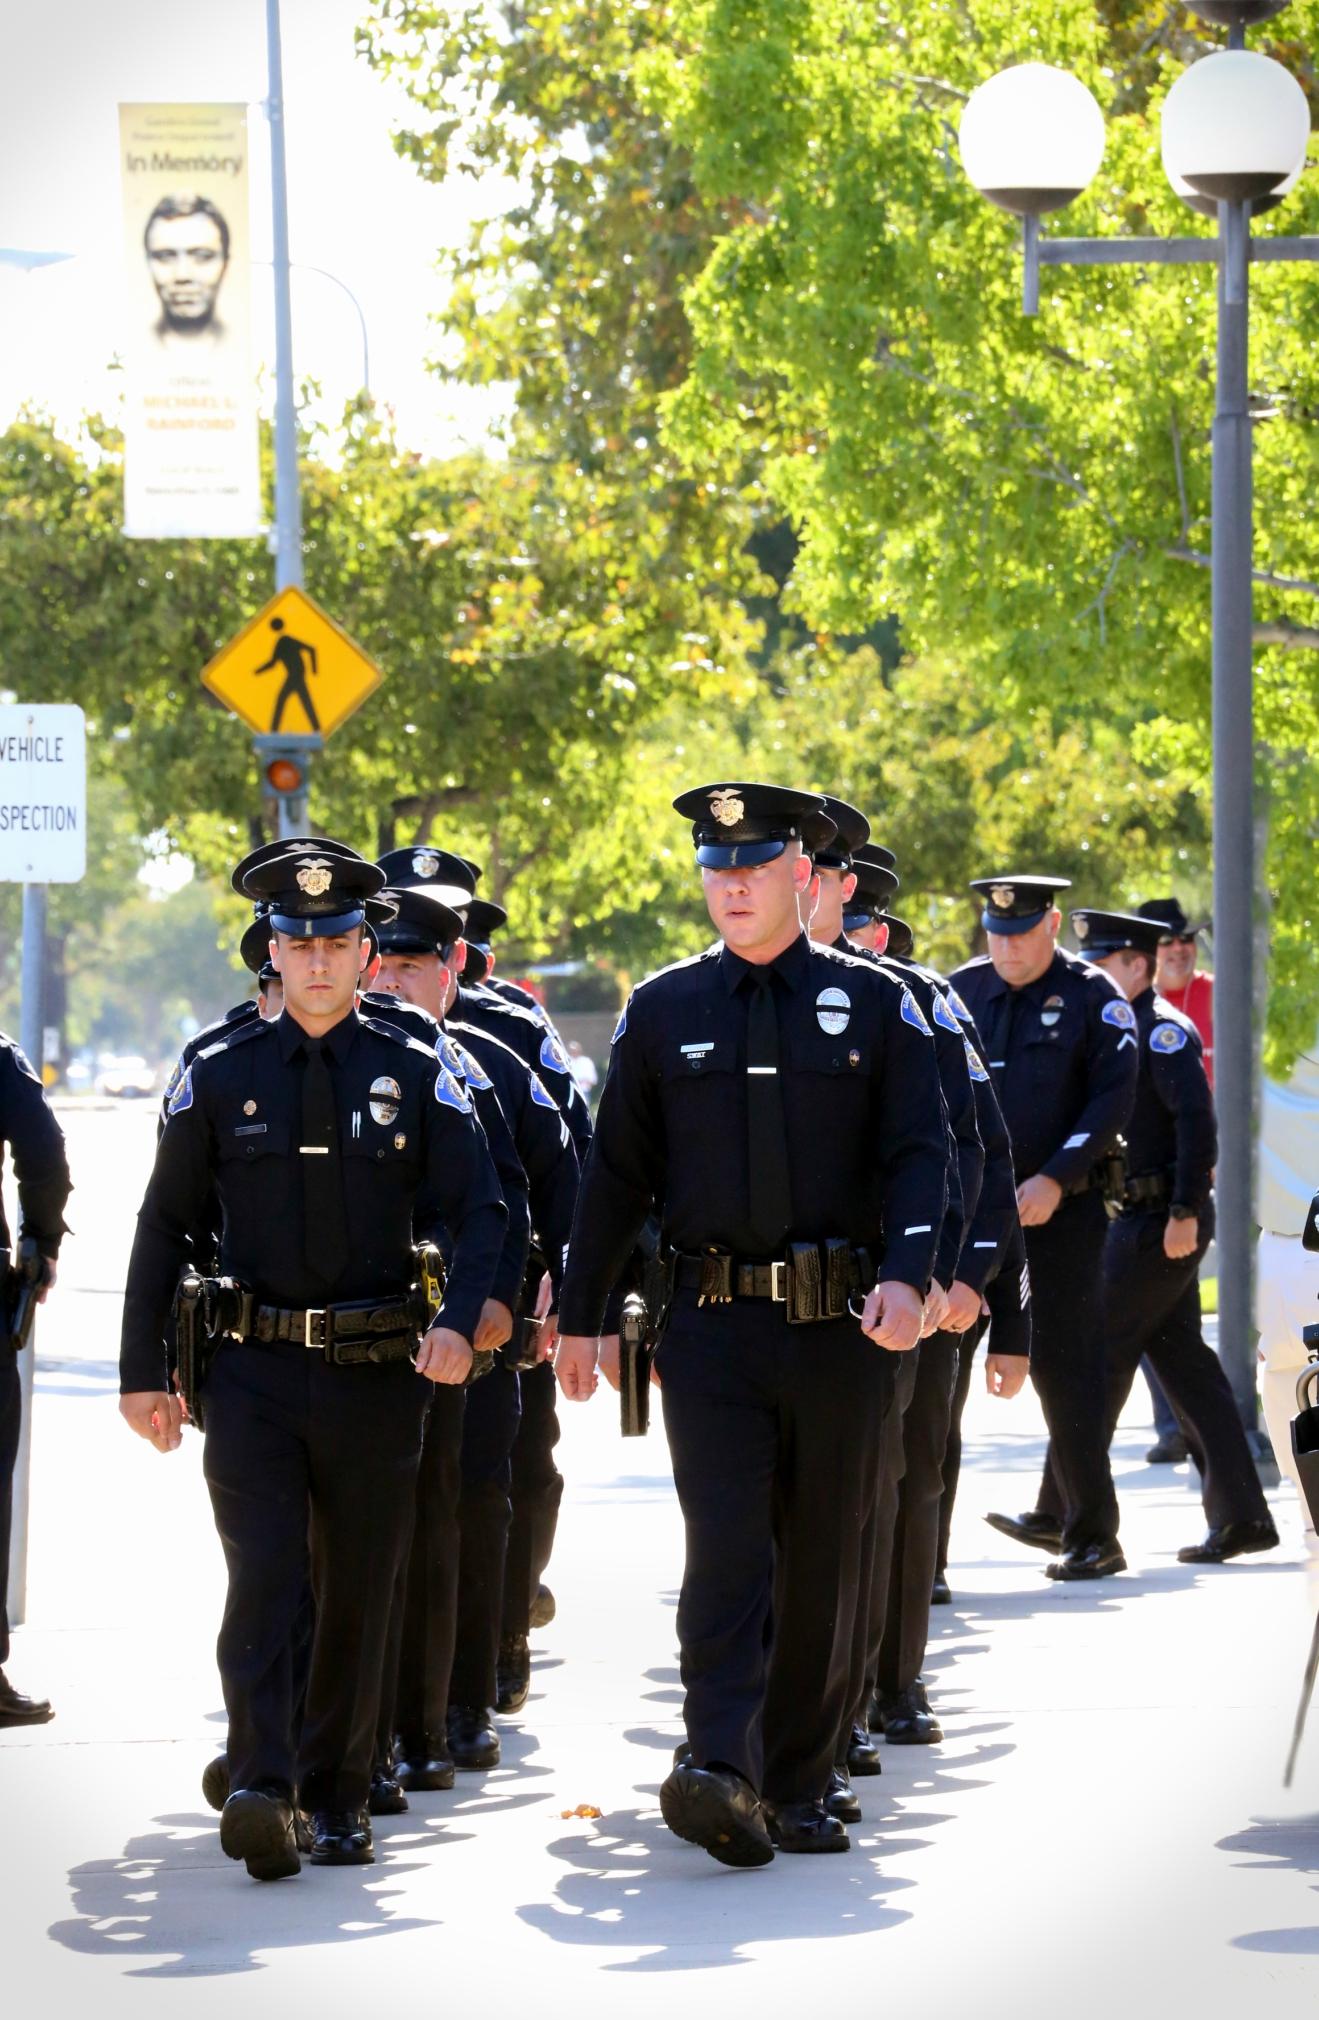 City of garden grove call to duty police memorial Garden grove breaking news now